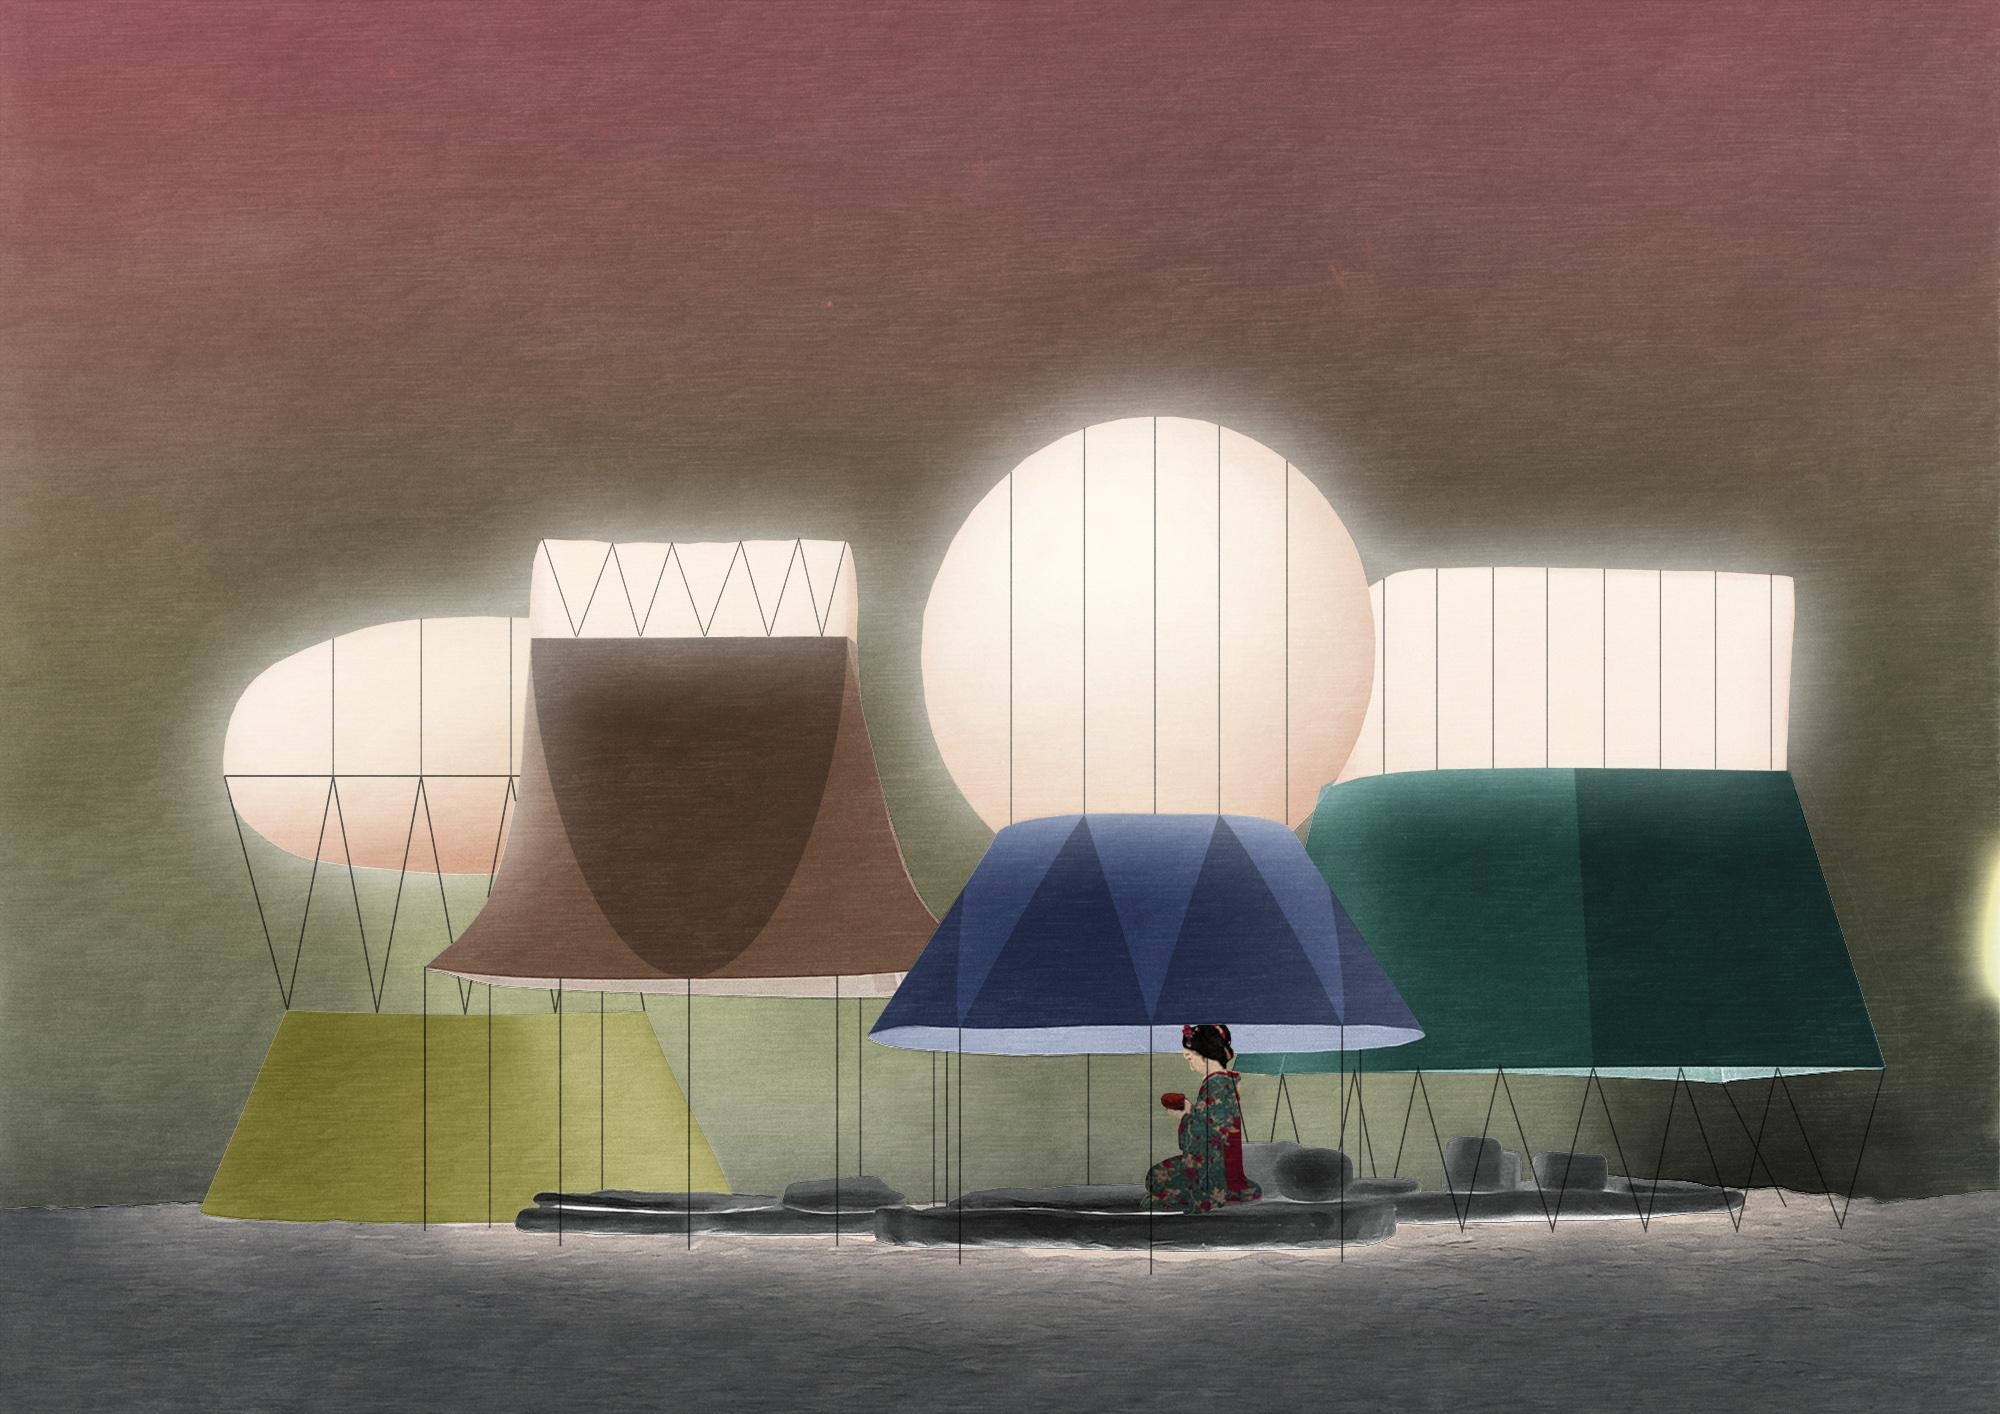 AATD_tents.jpg